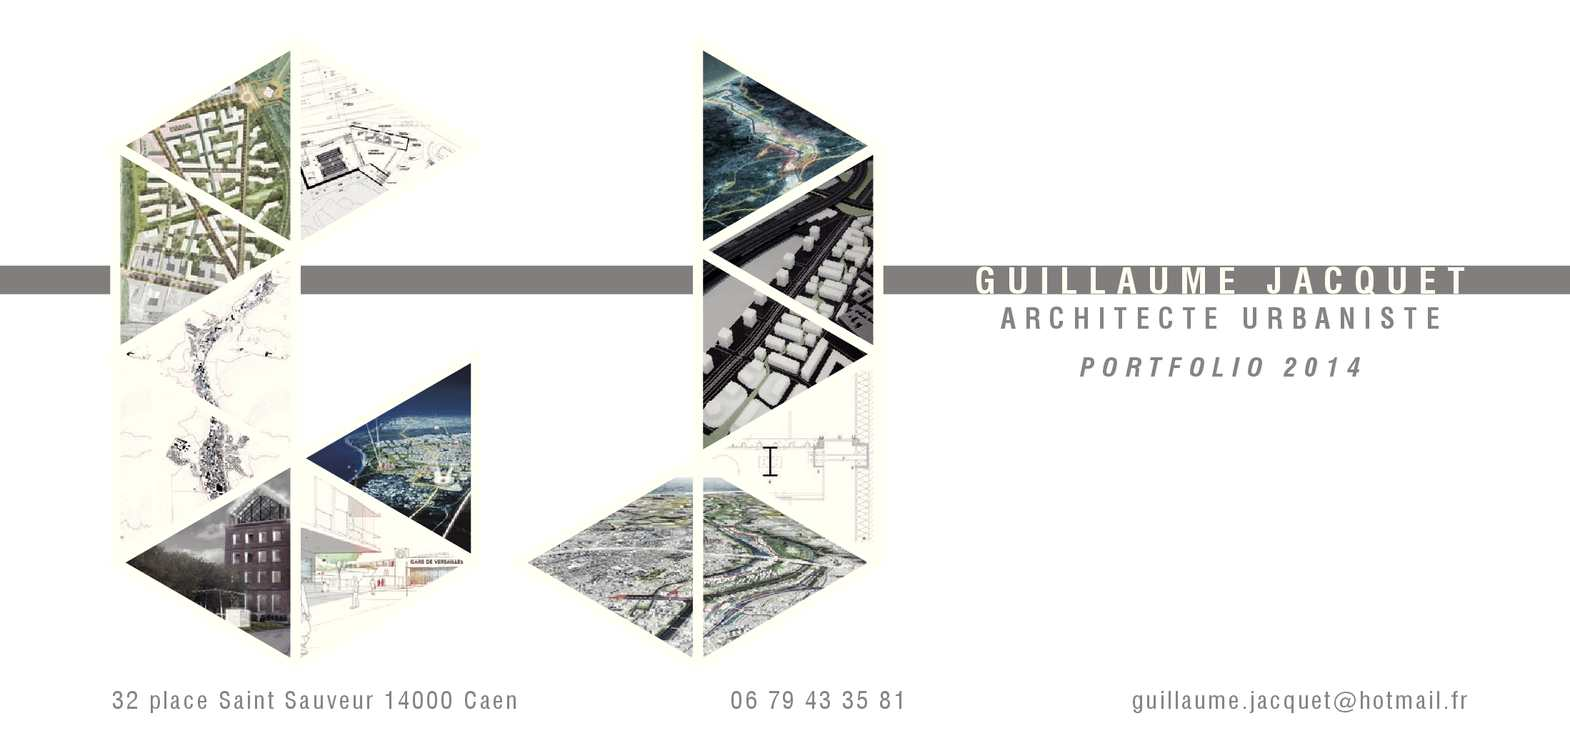 Calaméo Guillaume Jacquet Architecte Urbaniste Portfolio 2014